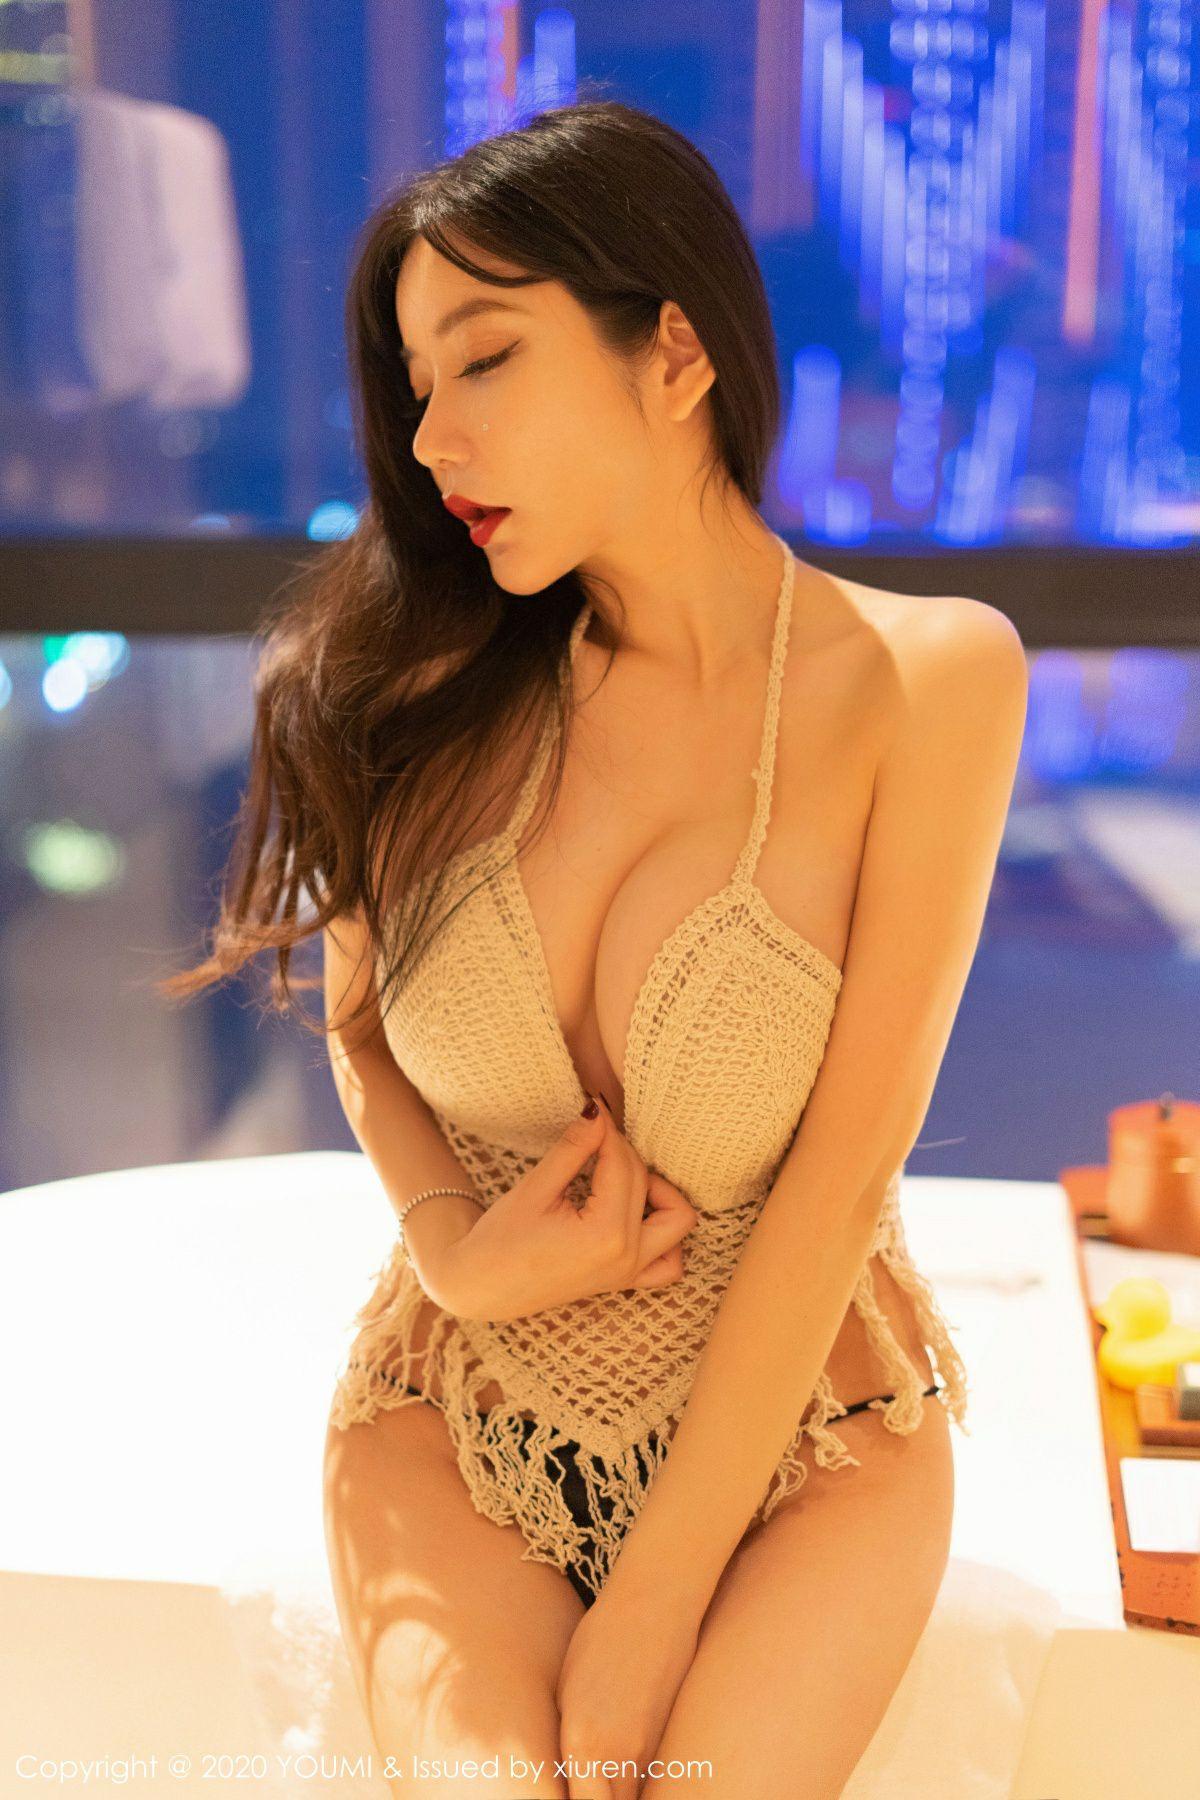 [YOUMI尤蜜荟]2020.02.26 VOL.423 心妍小公主[41P] 尤蜜荟 第2张